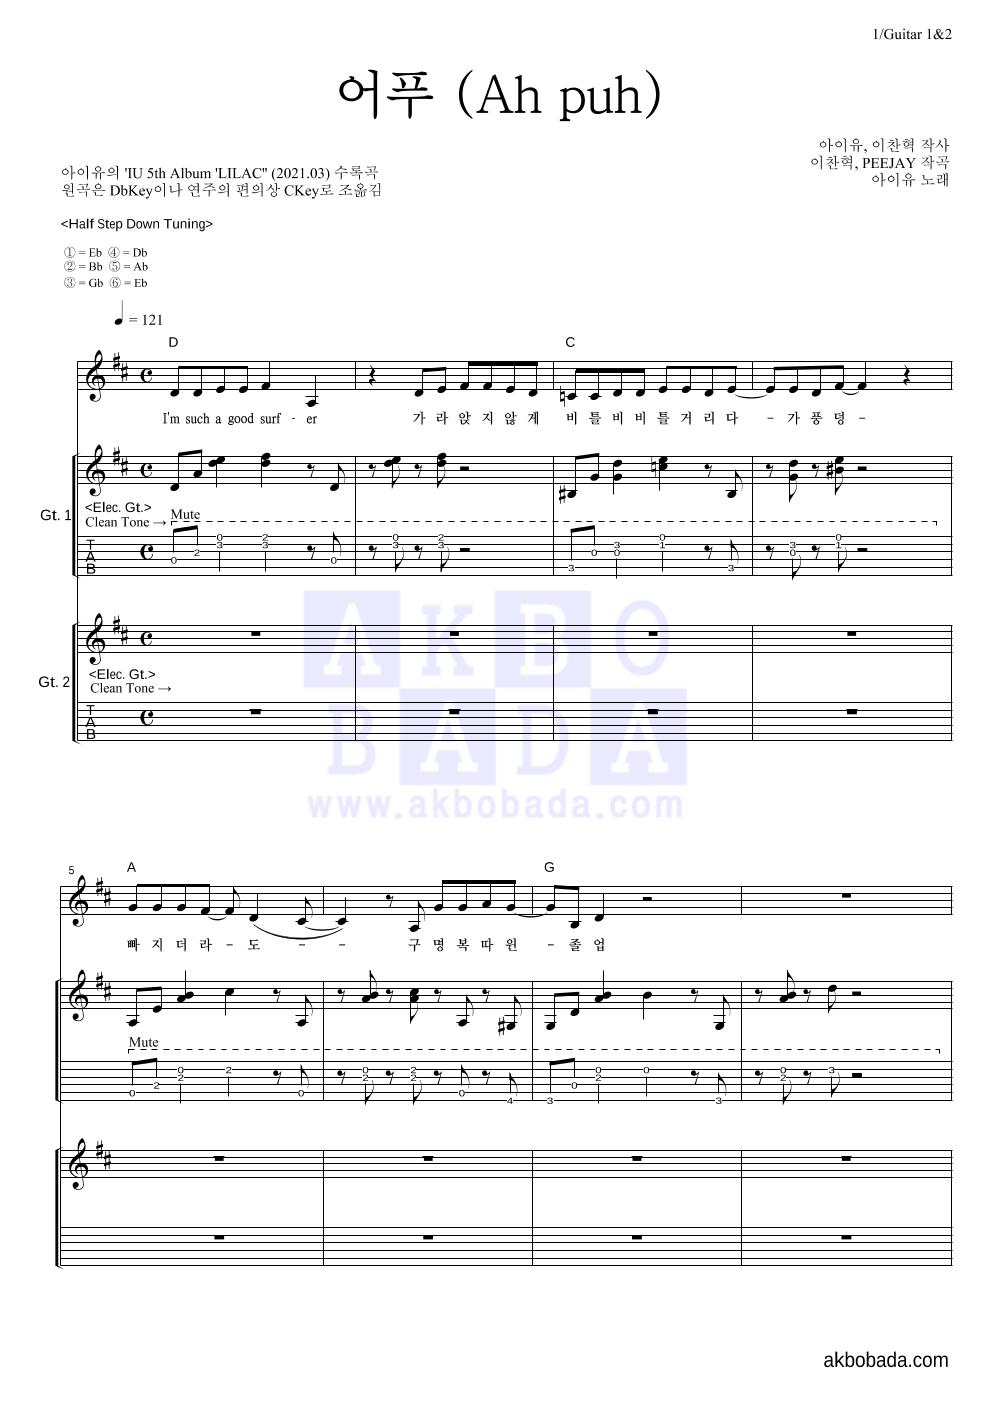 아이유 - 어푸 (Ah puh) 기타1,2 악보